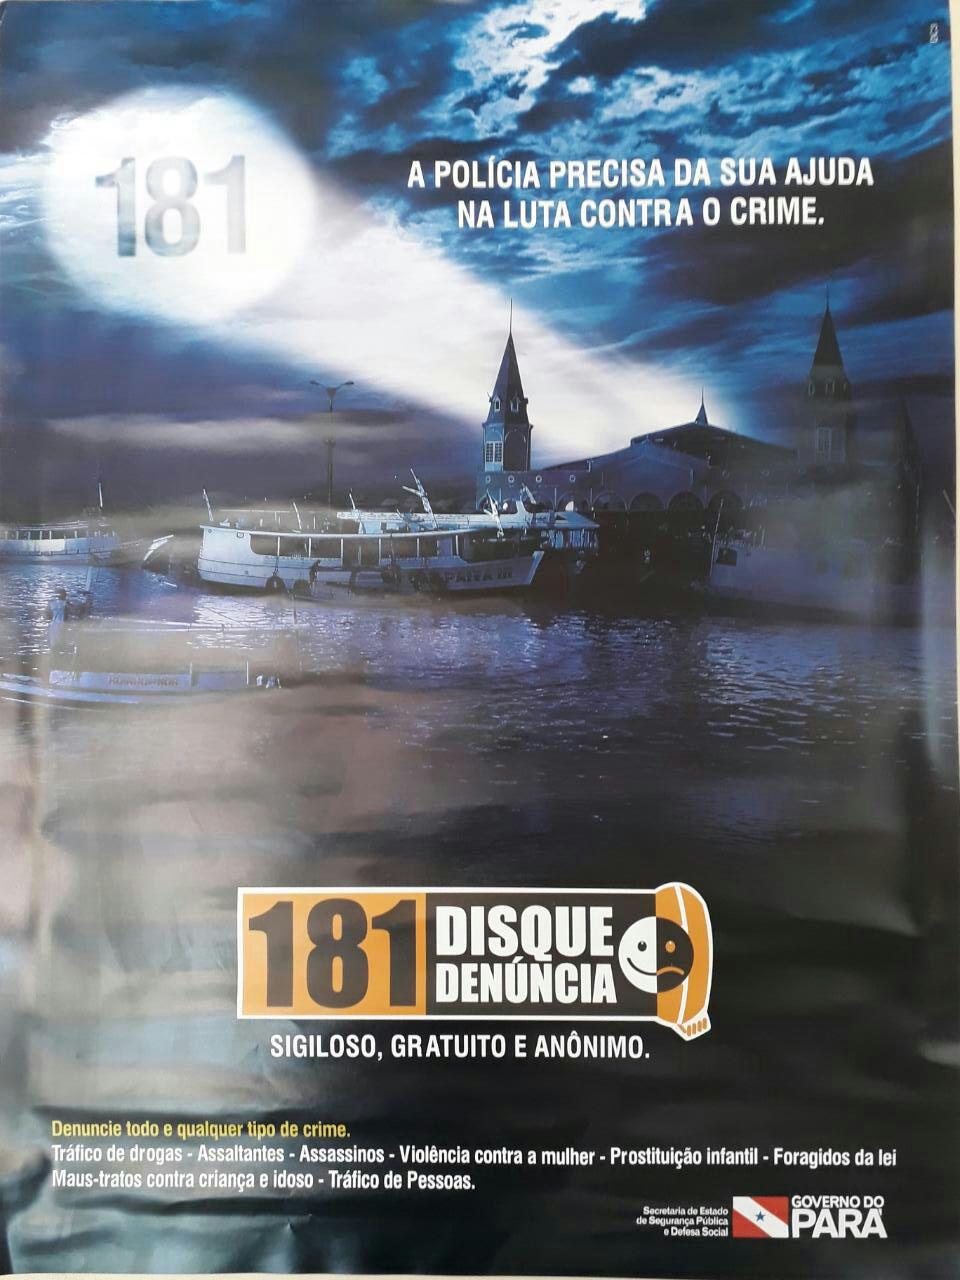 181 - DISQUE DENÚNCIA